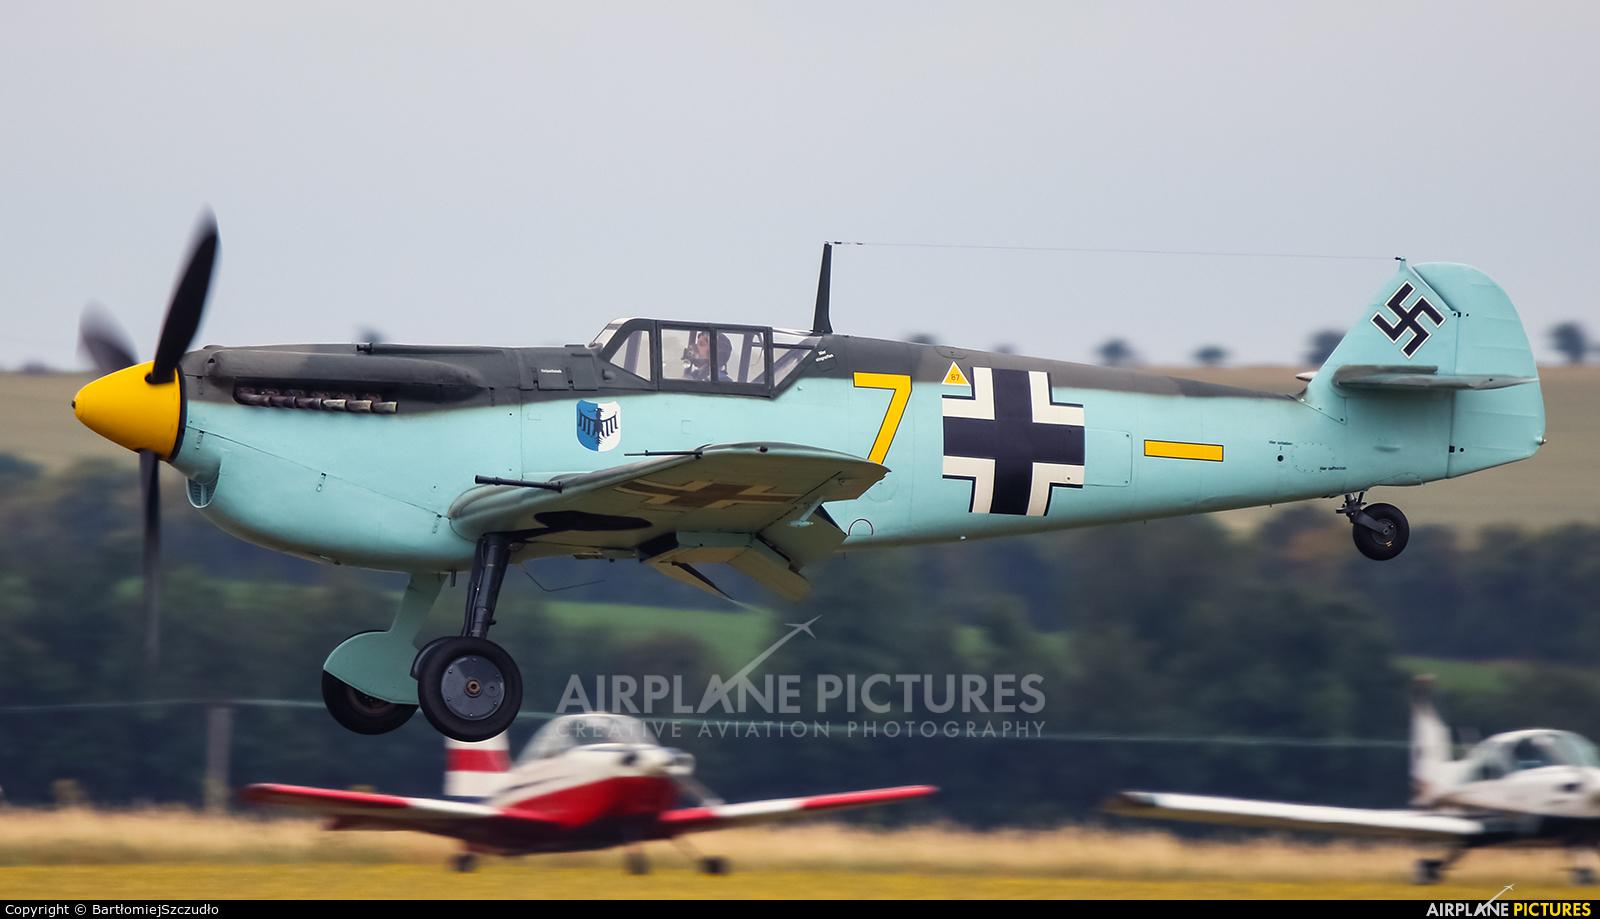 Air Leasing Ltd G-AWHM aircraft at Duxford